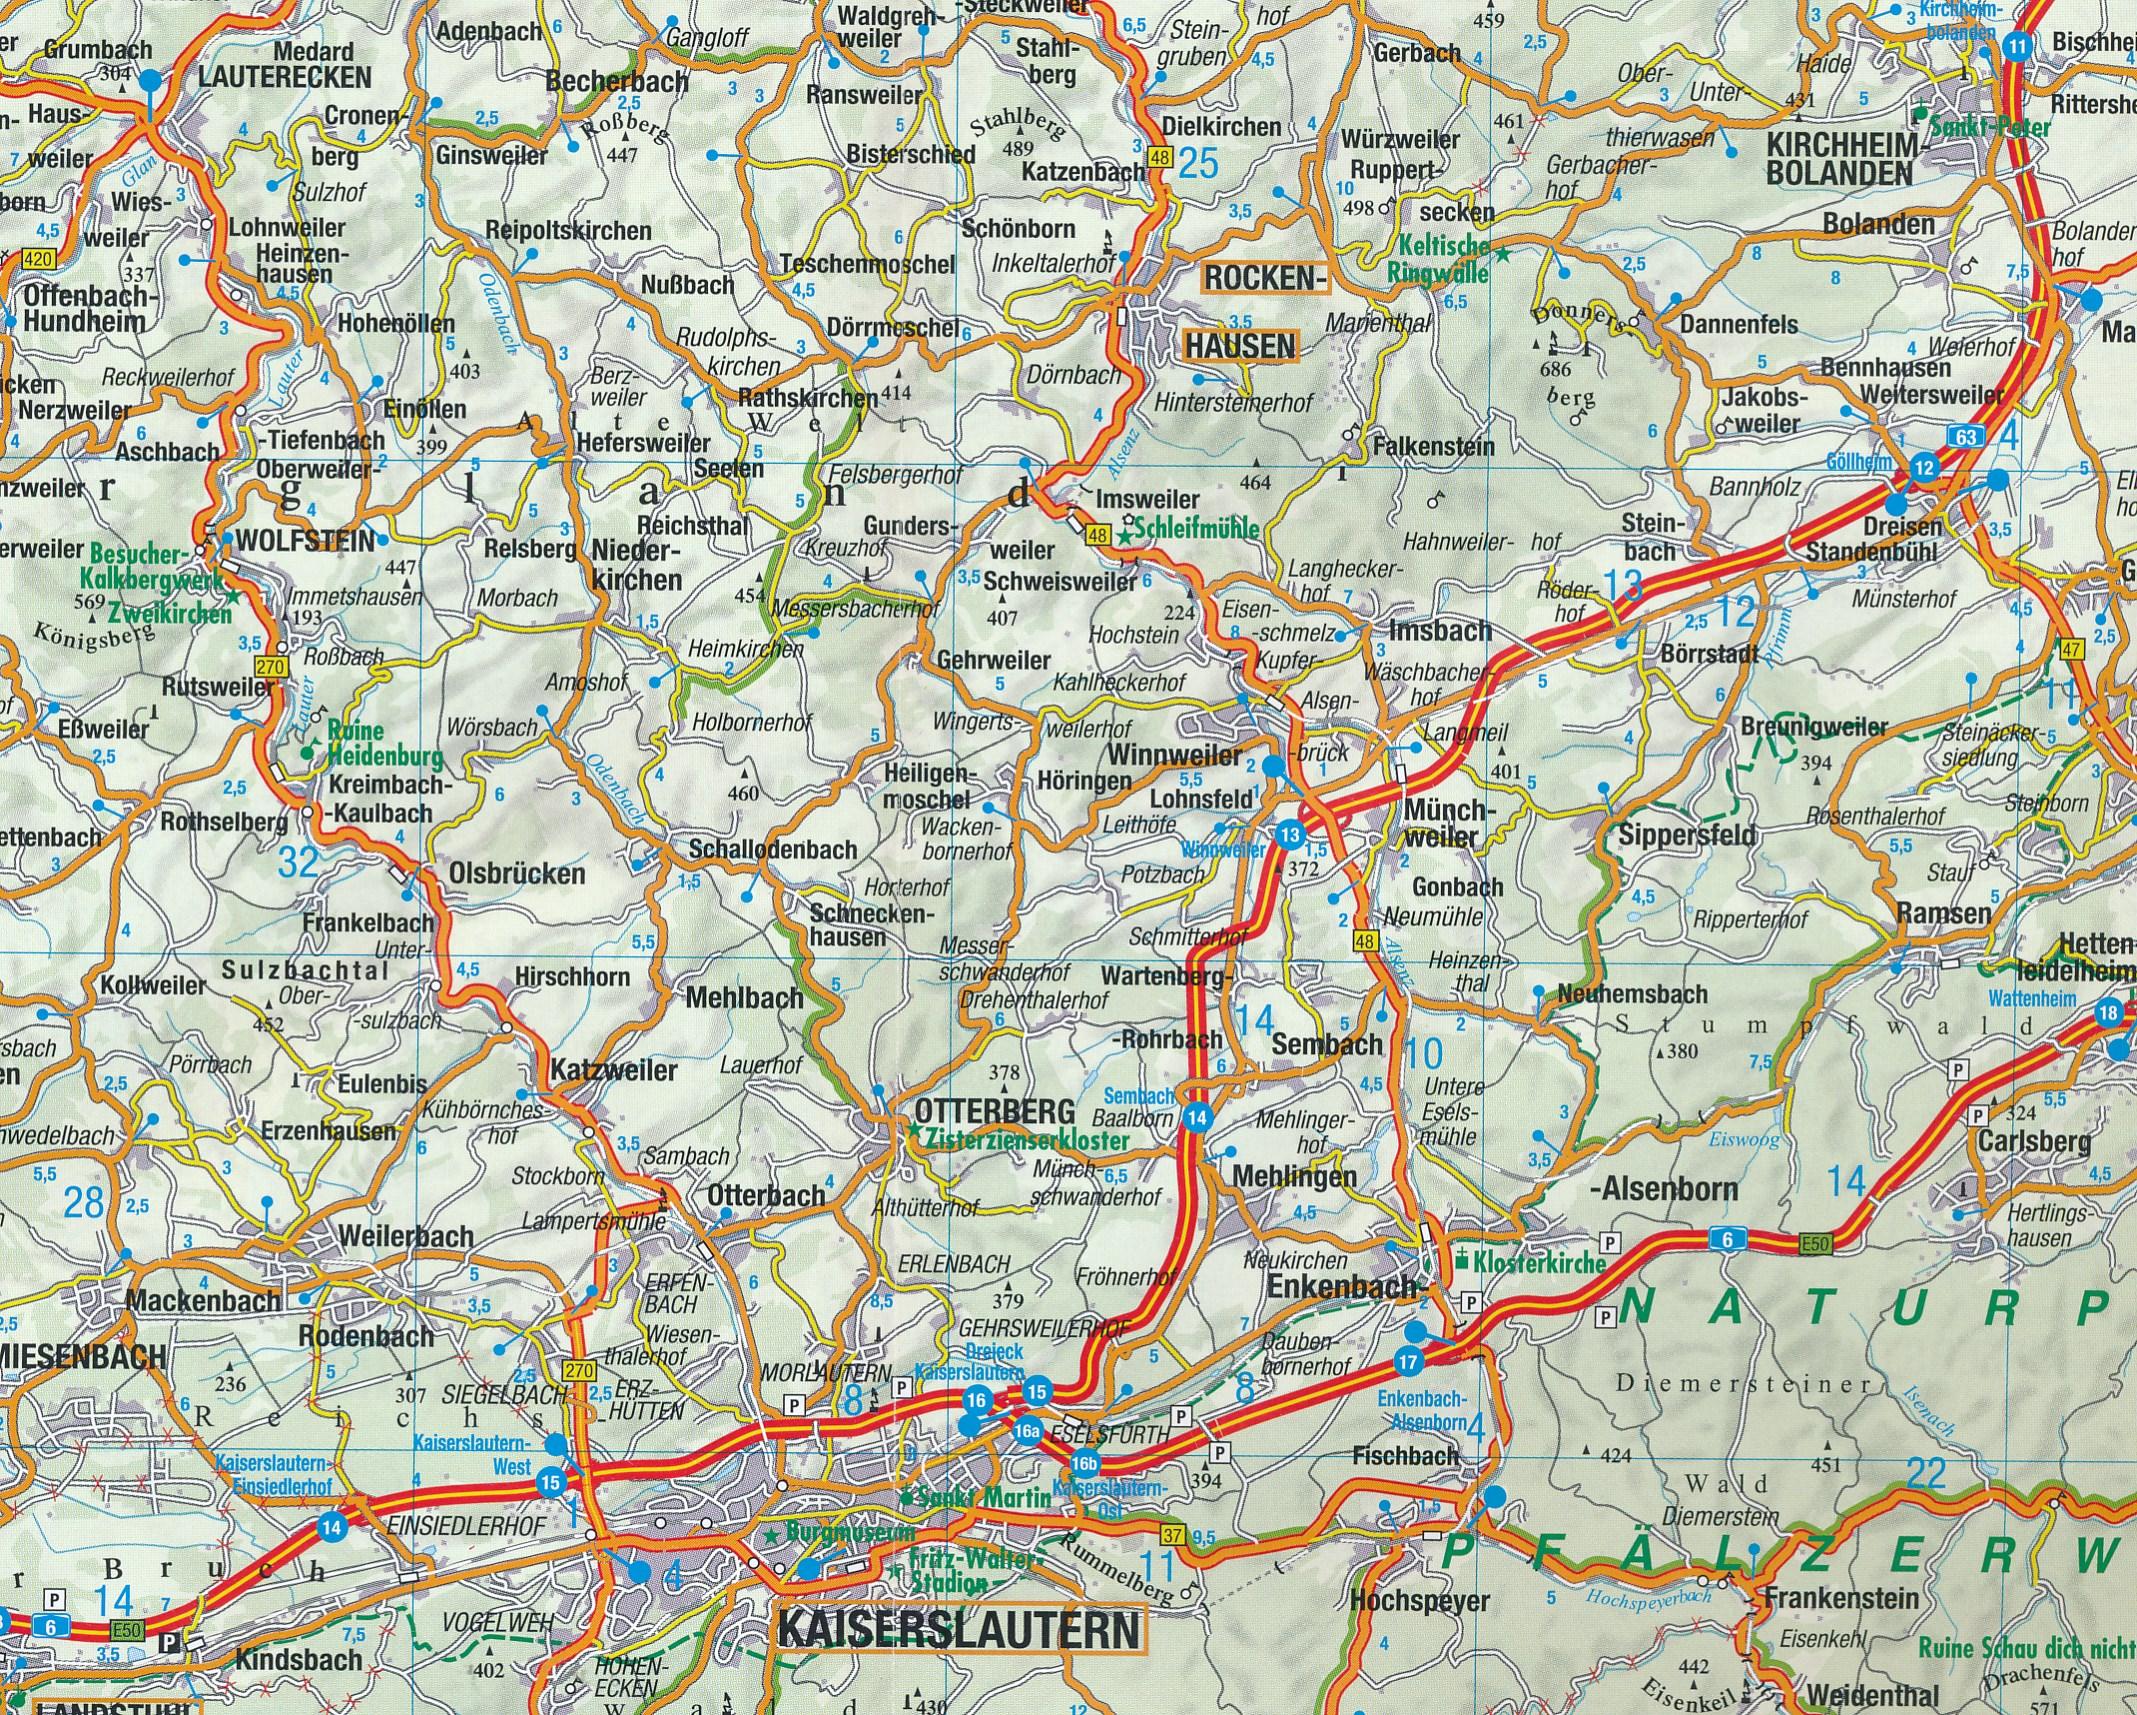 Wegenkaart Landkaart 7 Eifel Moezel Rijn Rheinland Pfalz